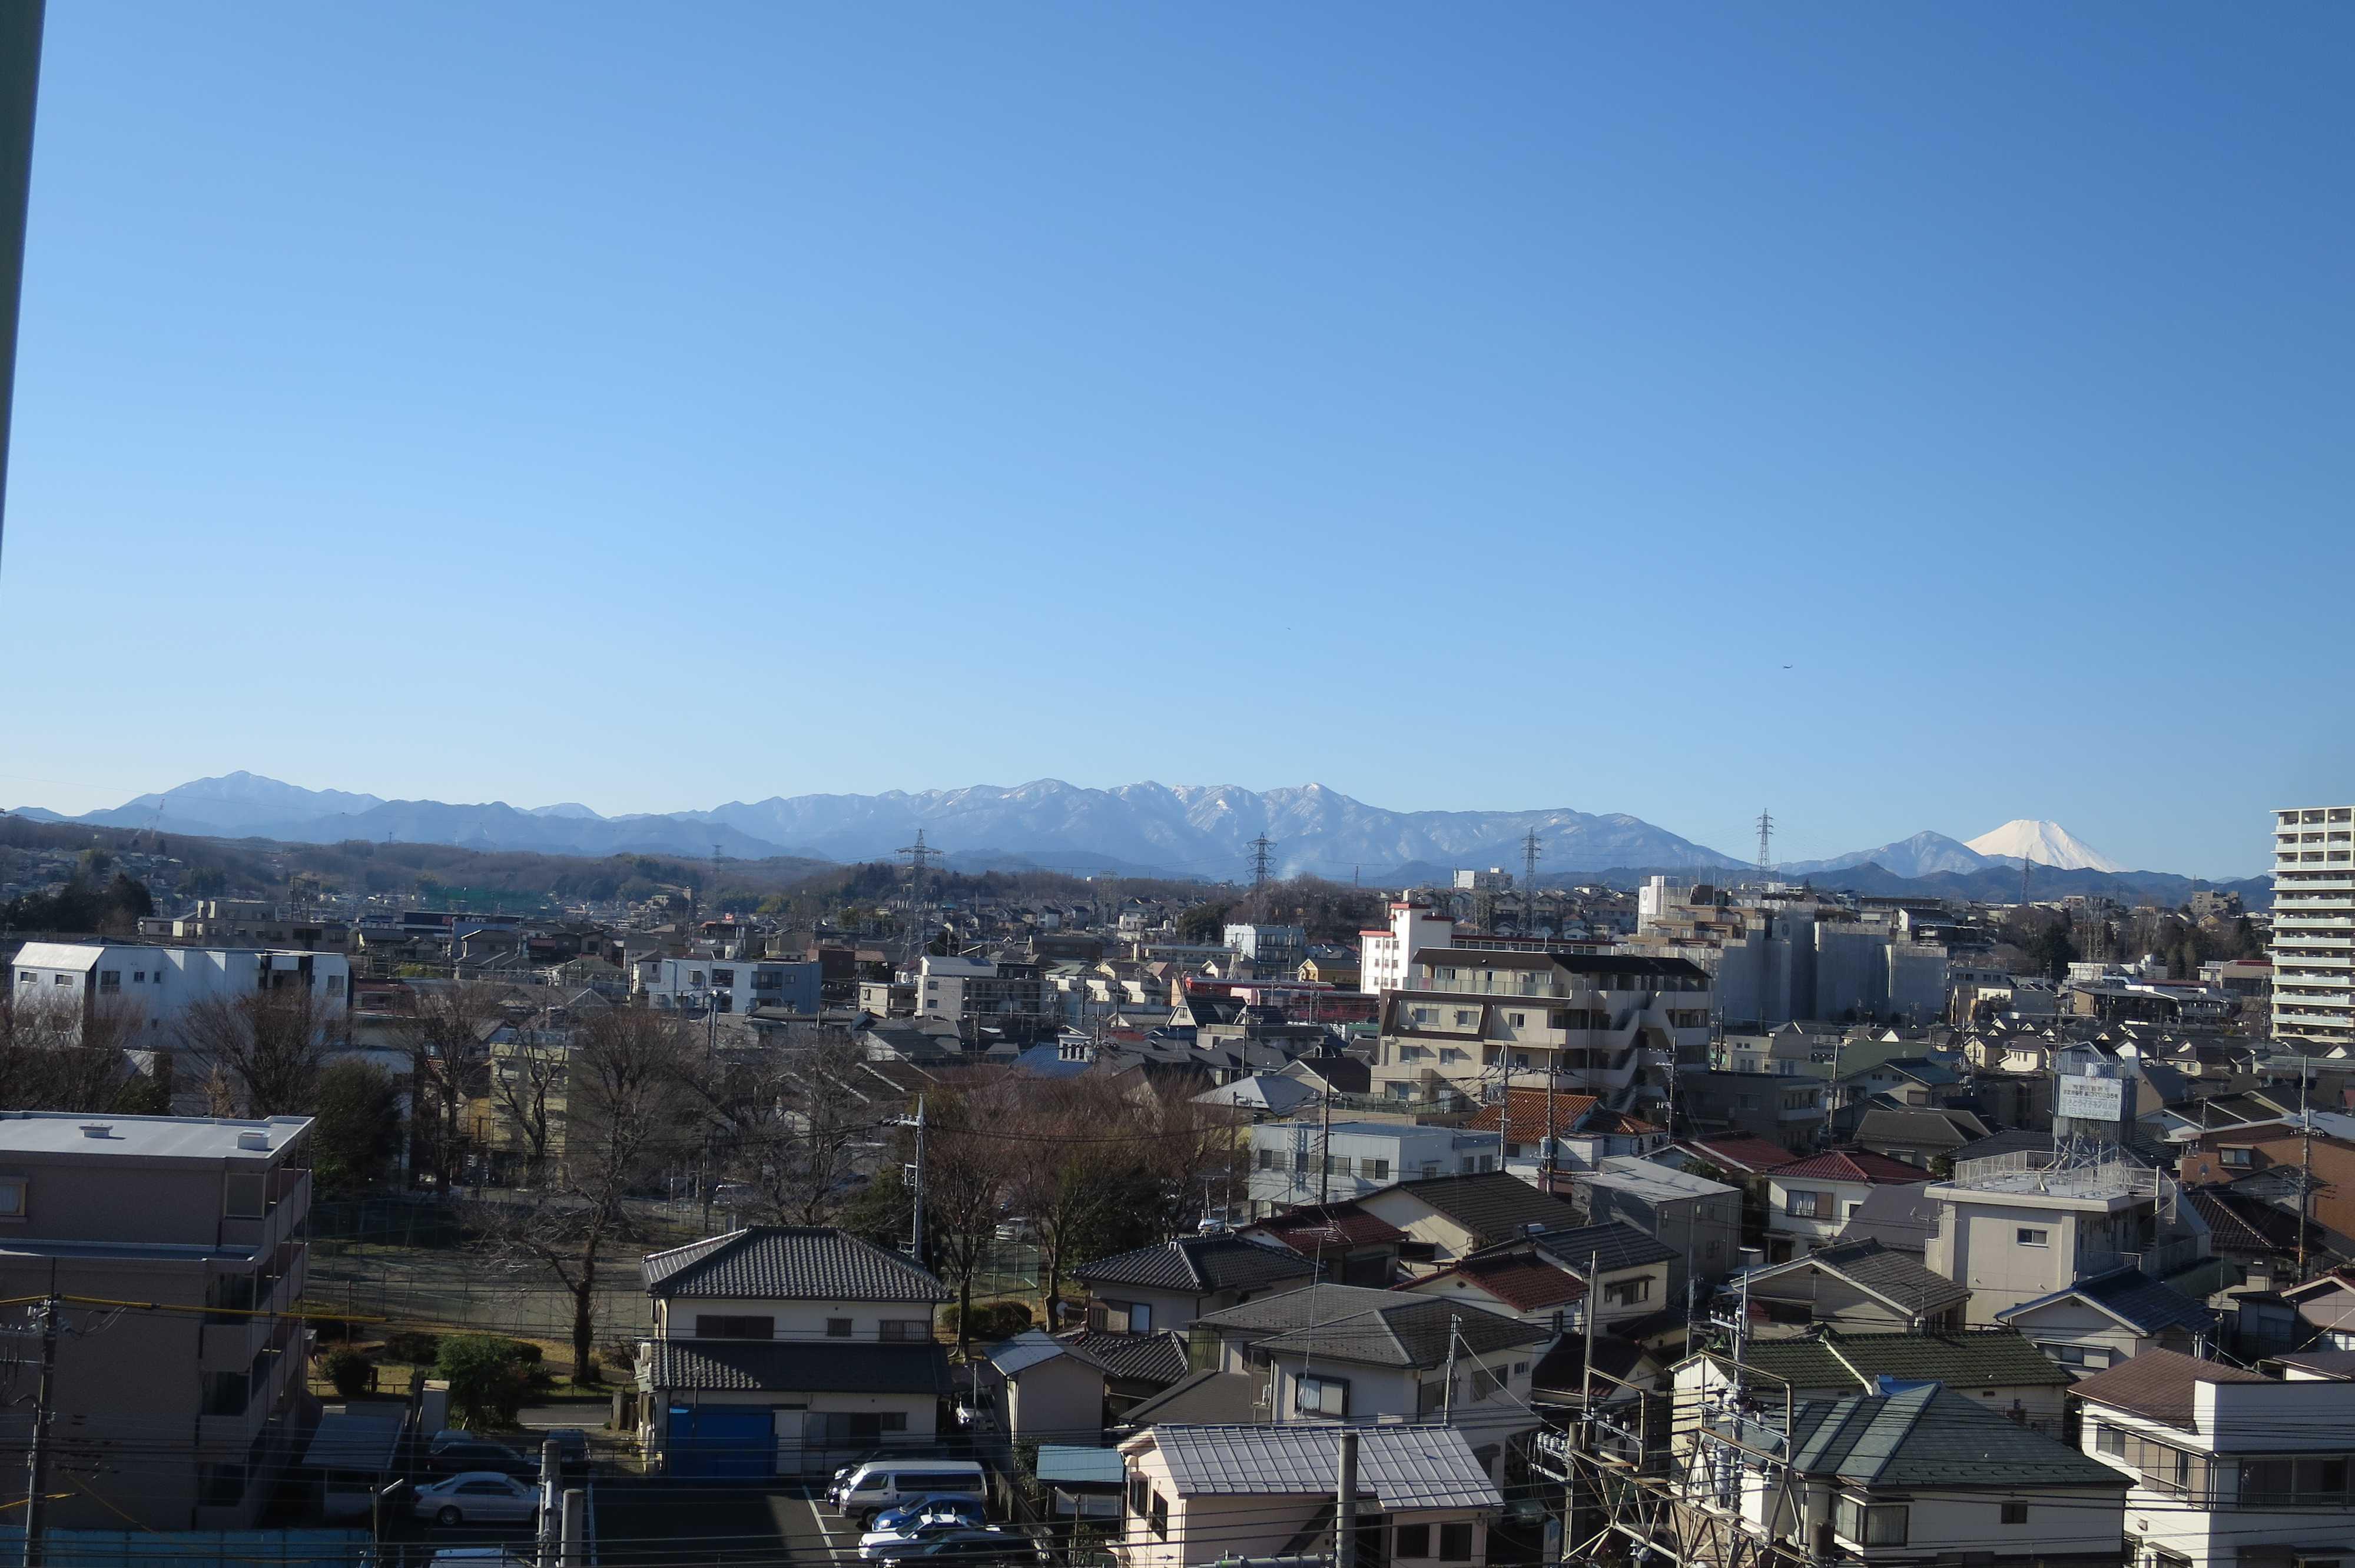 富士山や丹沢山塊が見える眺望ポイント - 八王子市ルームズ大正堂